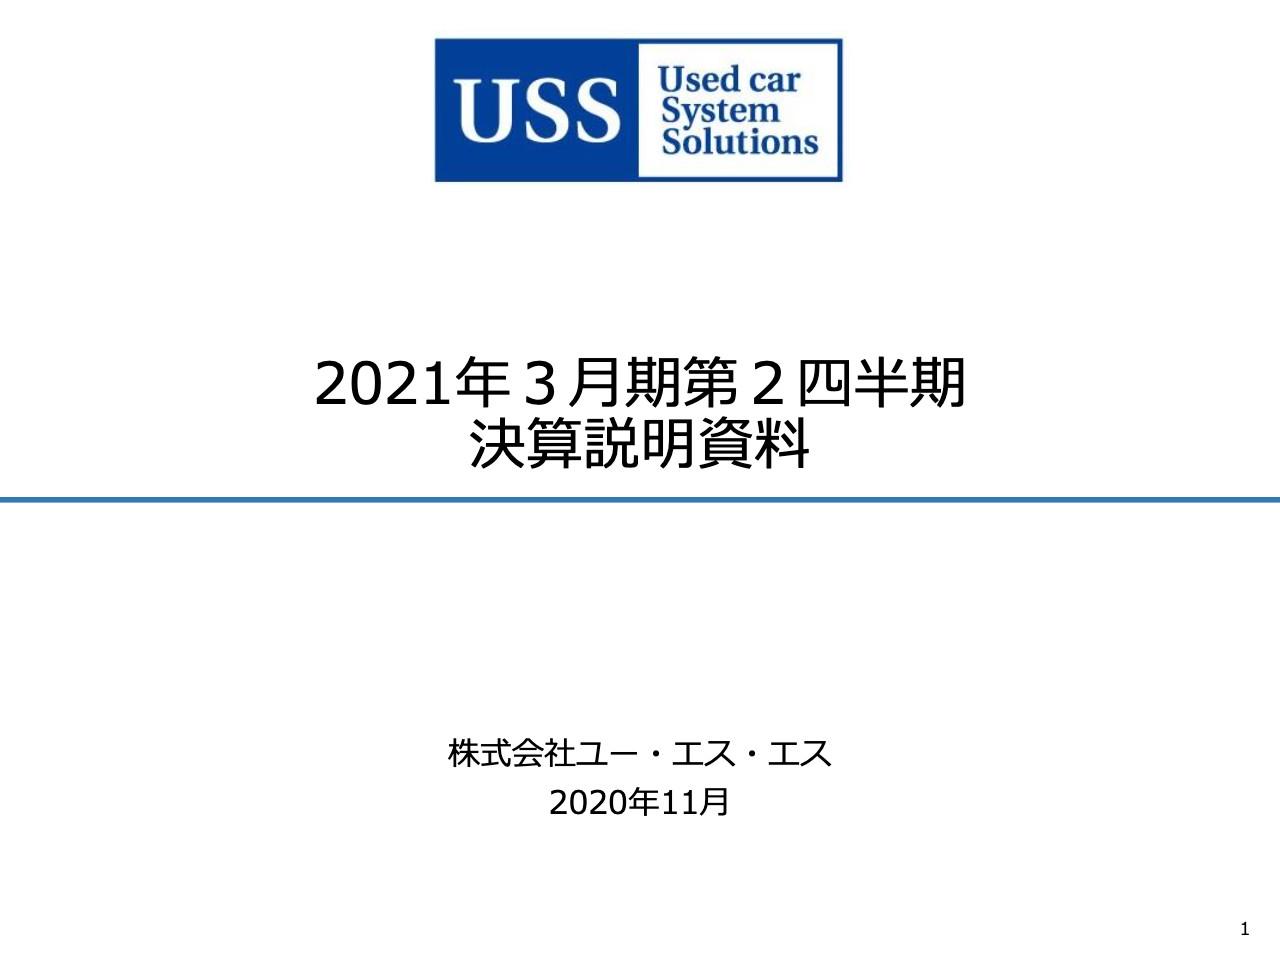 ユー・エス・エス、営業利益は前年比11.2%減 中古車販売は低迷もオークションに支えられ回復基調